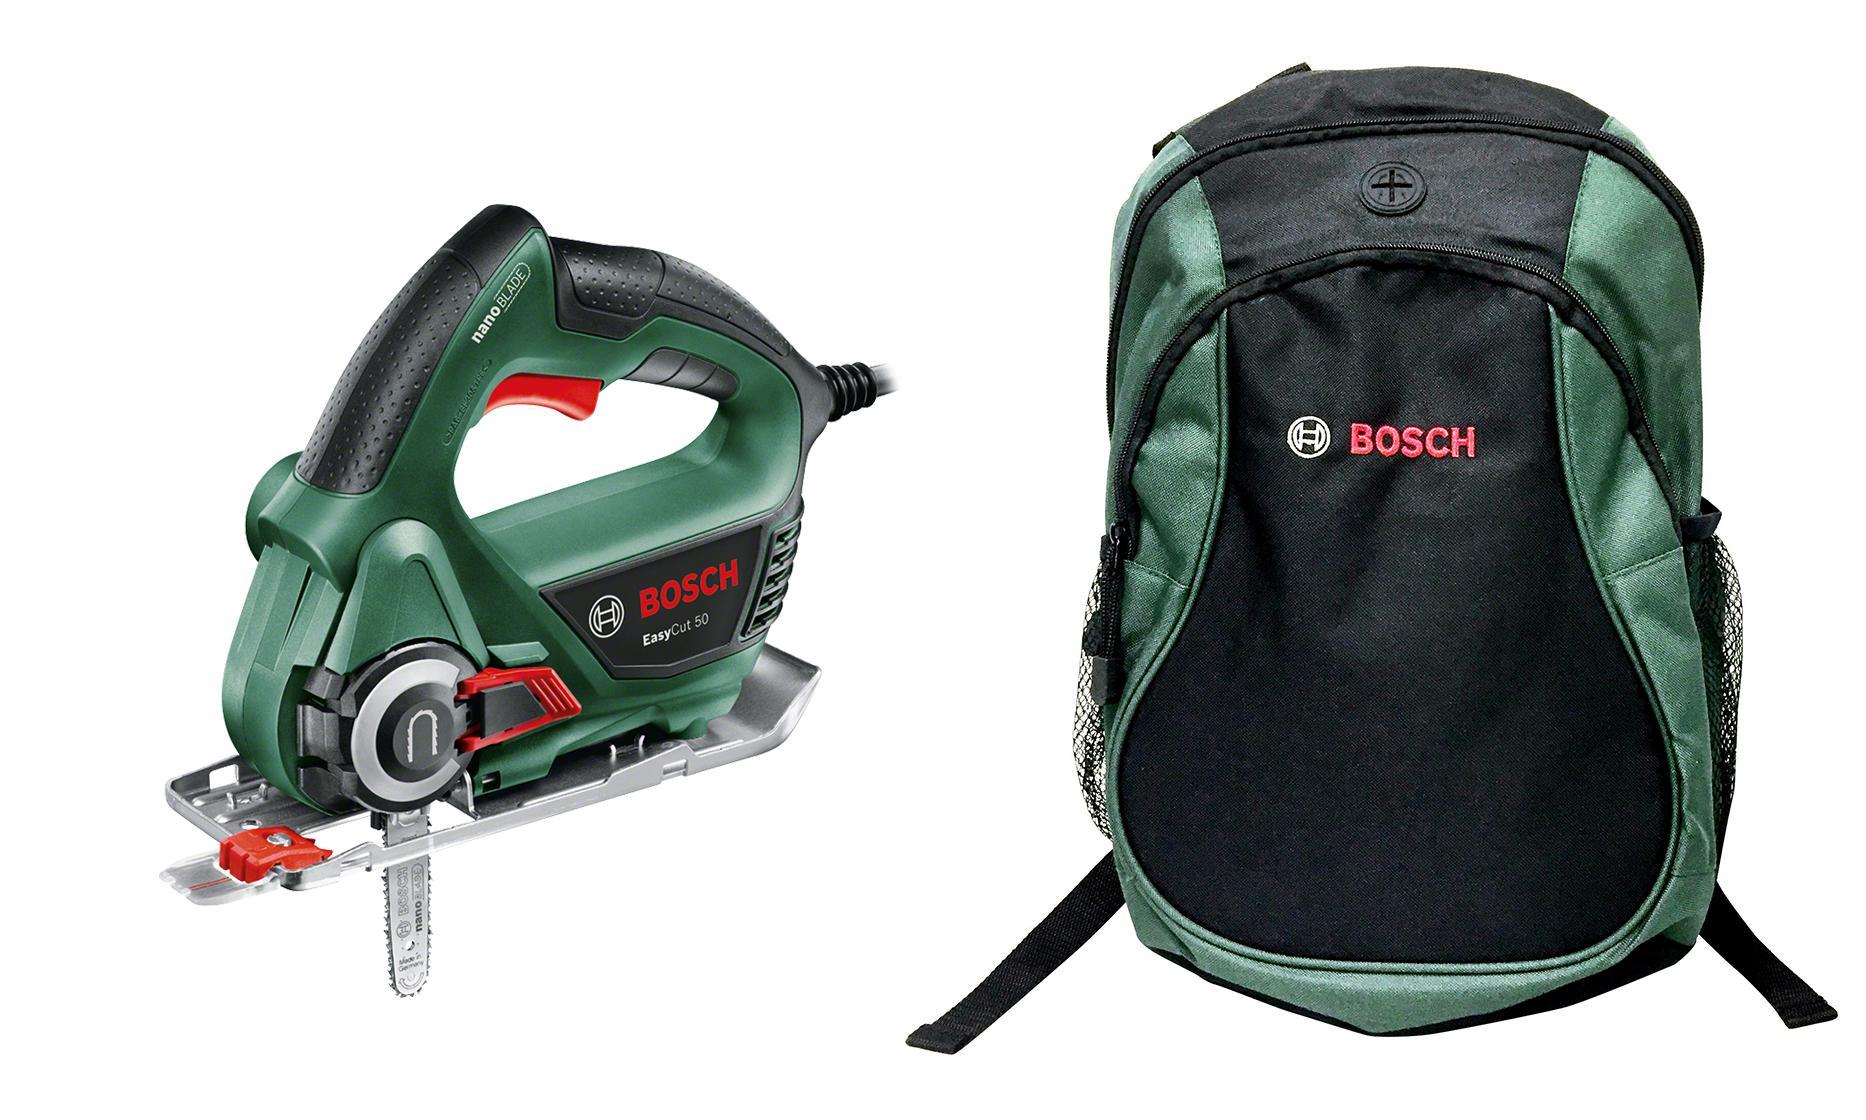 Набор Bosch Пила цепная easycut 50 (0.603.3c8.020) +Рюкзак green (1619g45200) дальномер bosch plr 50 c 50 м 603672220